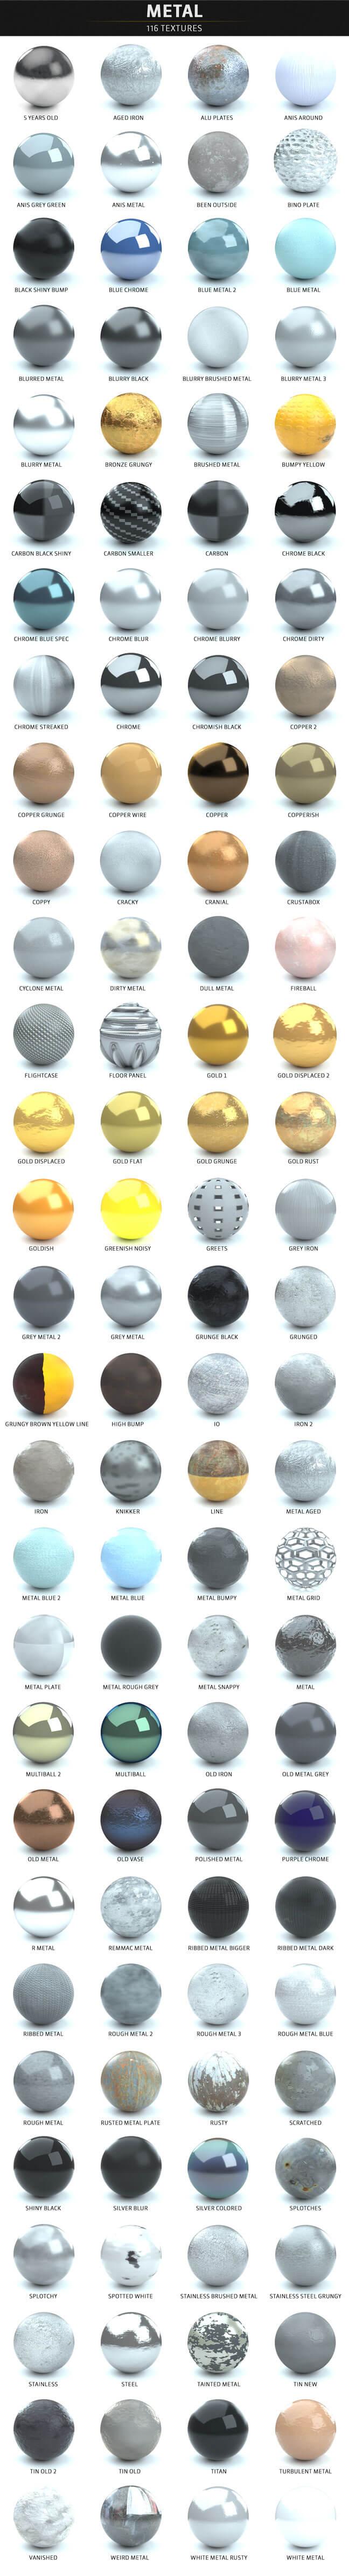 مجموعه کامل متریال های سینمافوردی برای رندر Octane - فلز